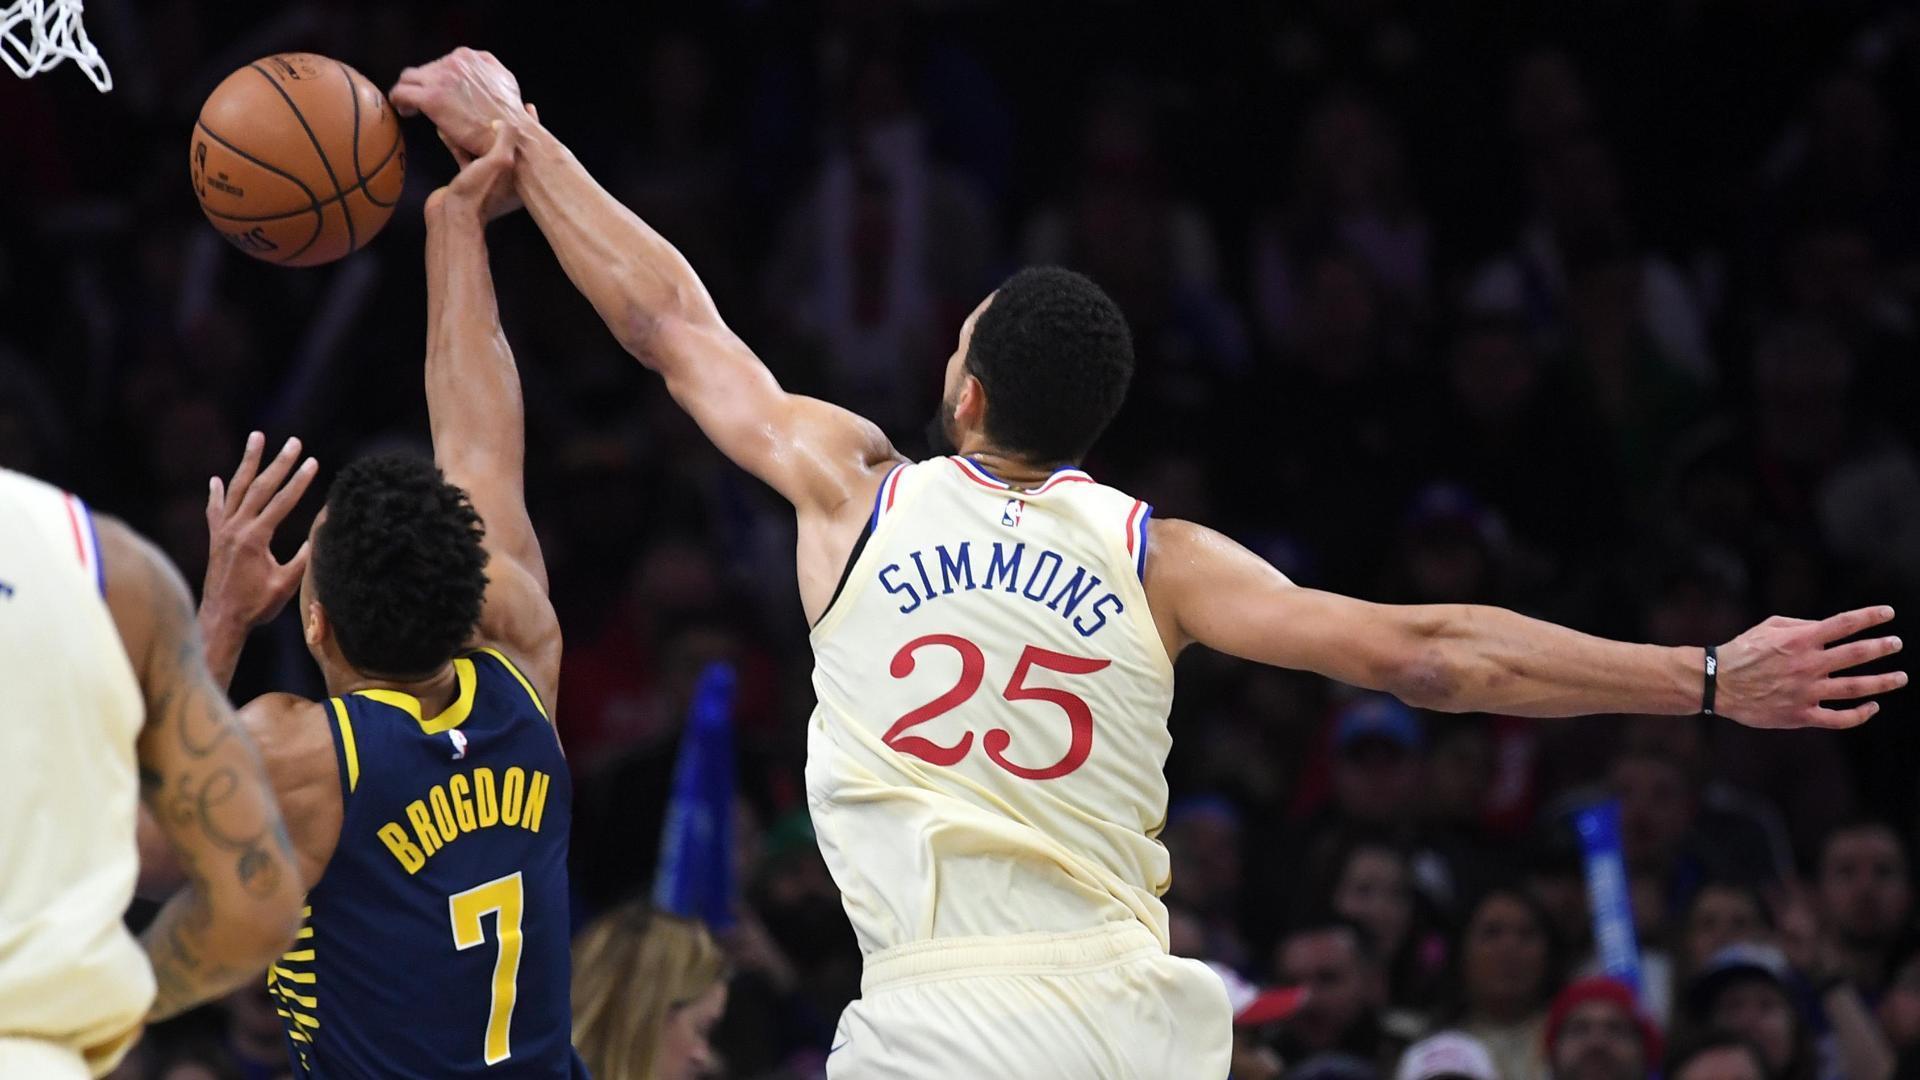 Simmons hustles back for the block